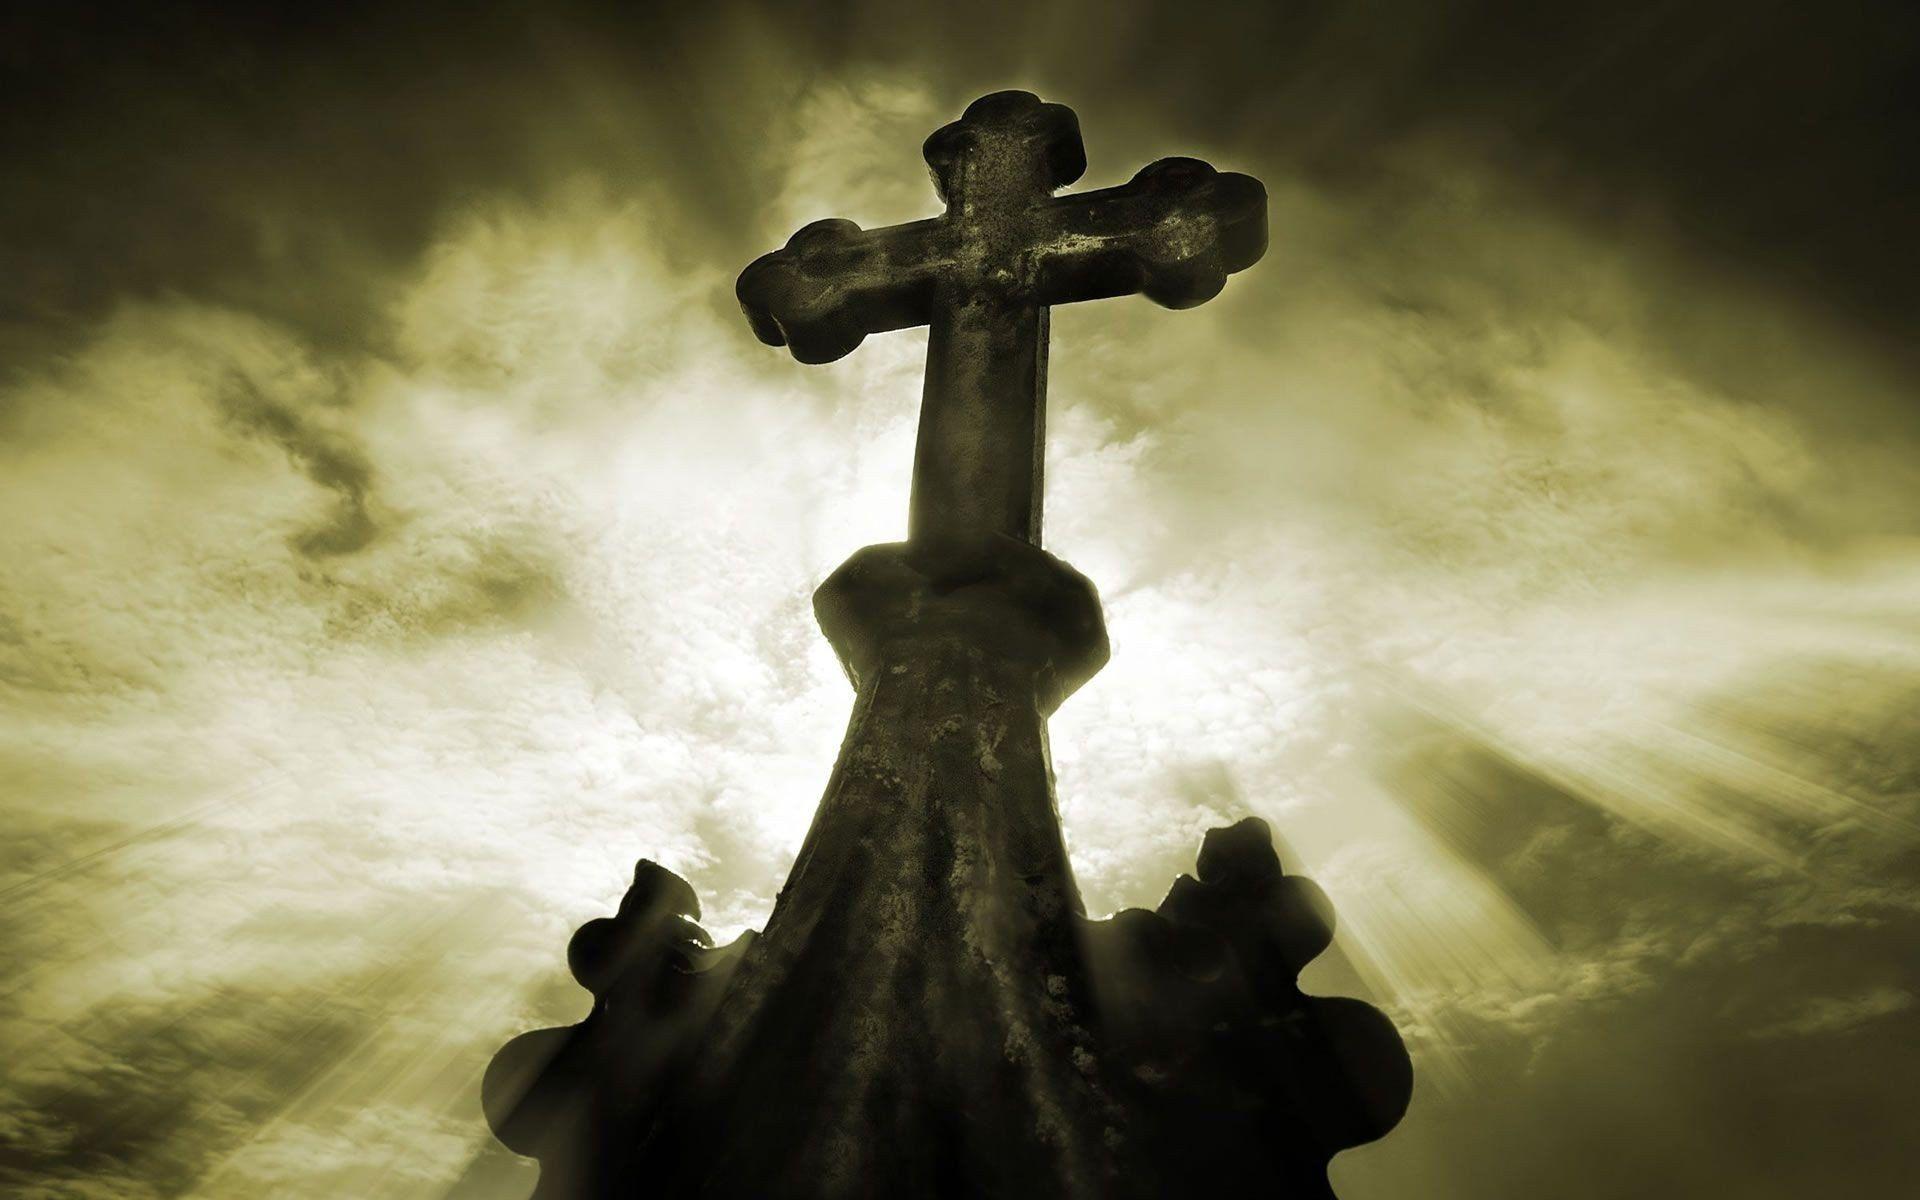 Картинки для телефона фэнтези кресты